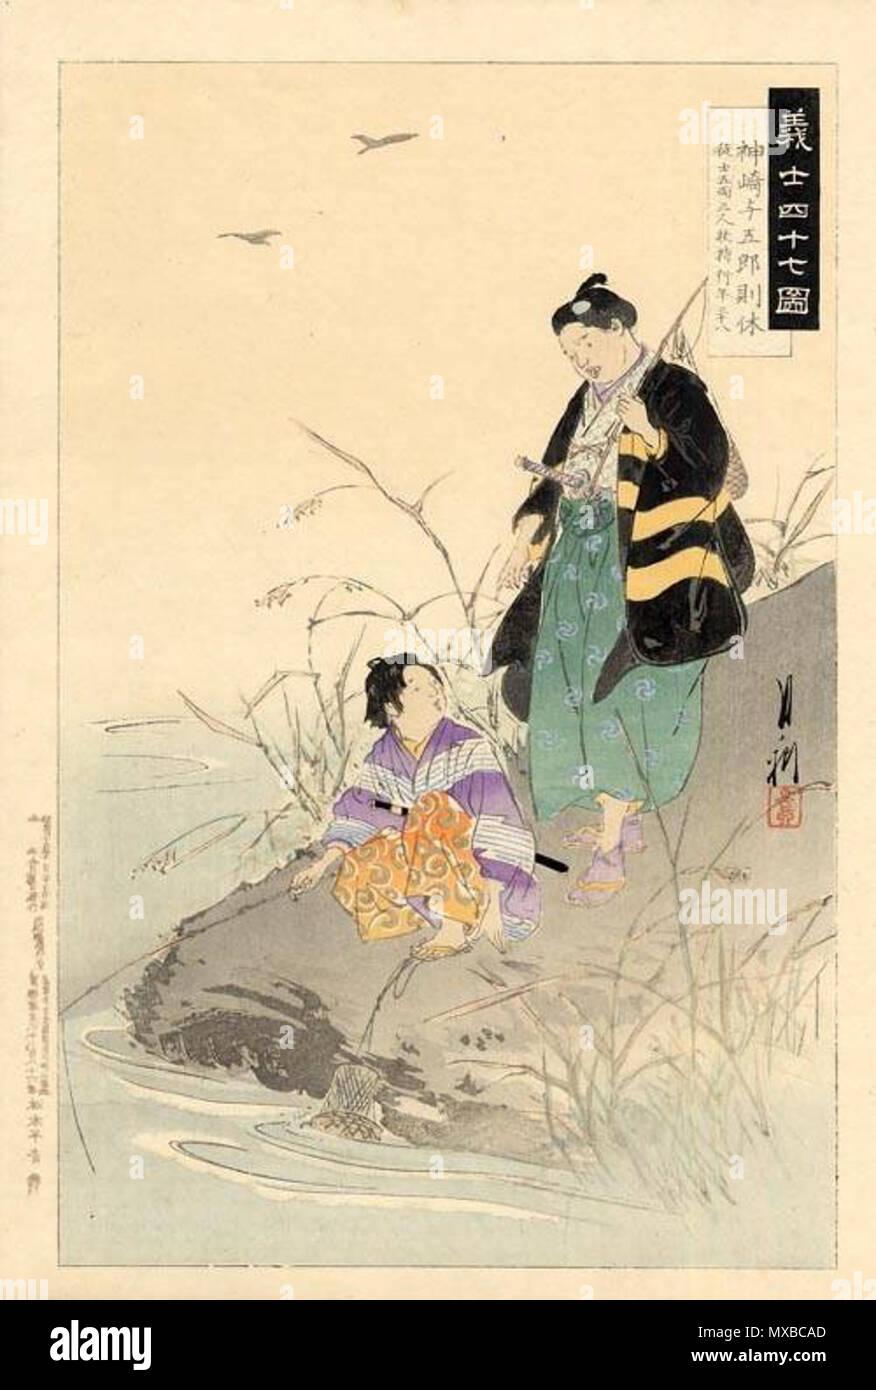 english ronin are masterless samurai chushingura is the true story